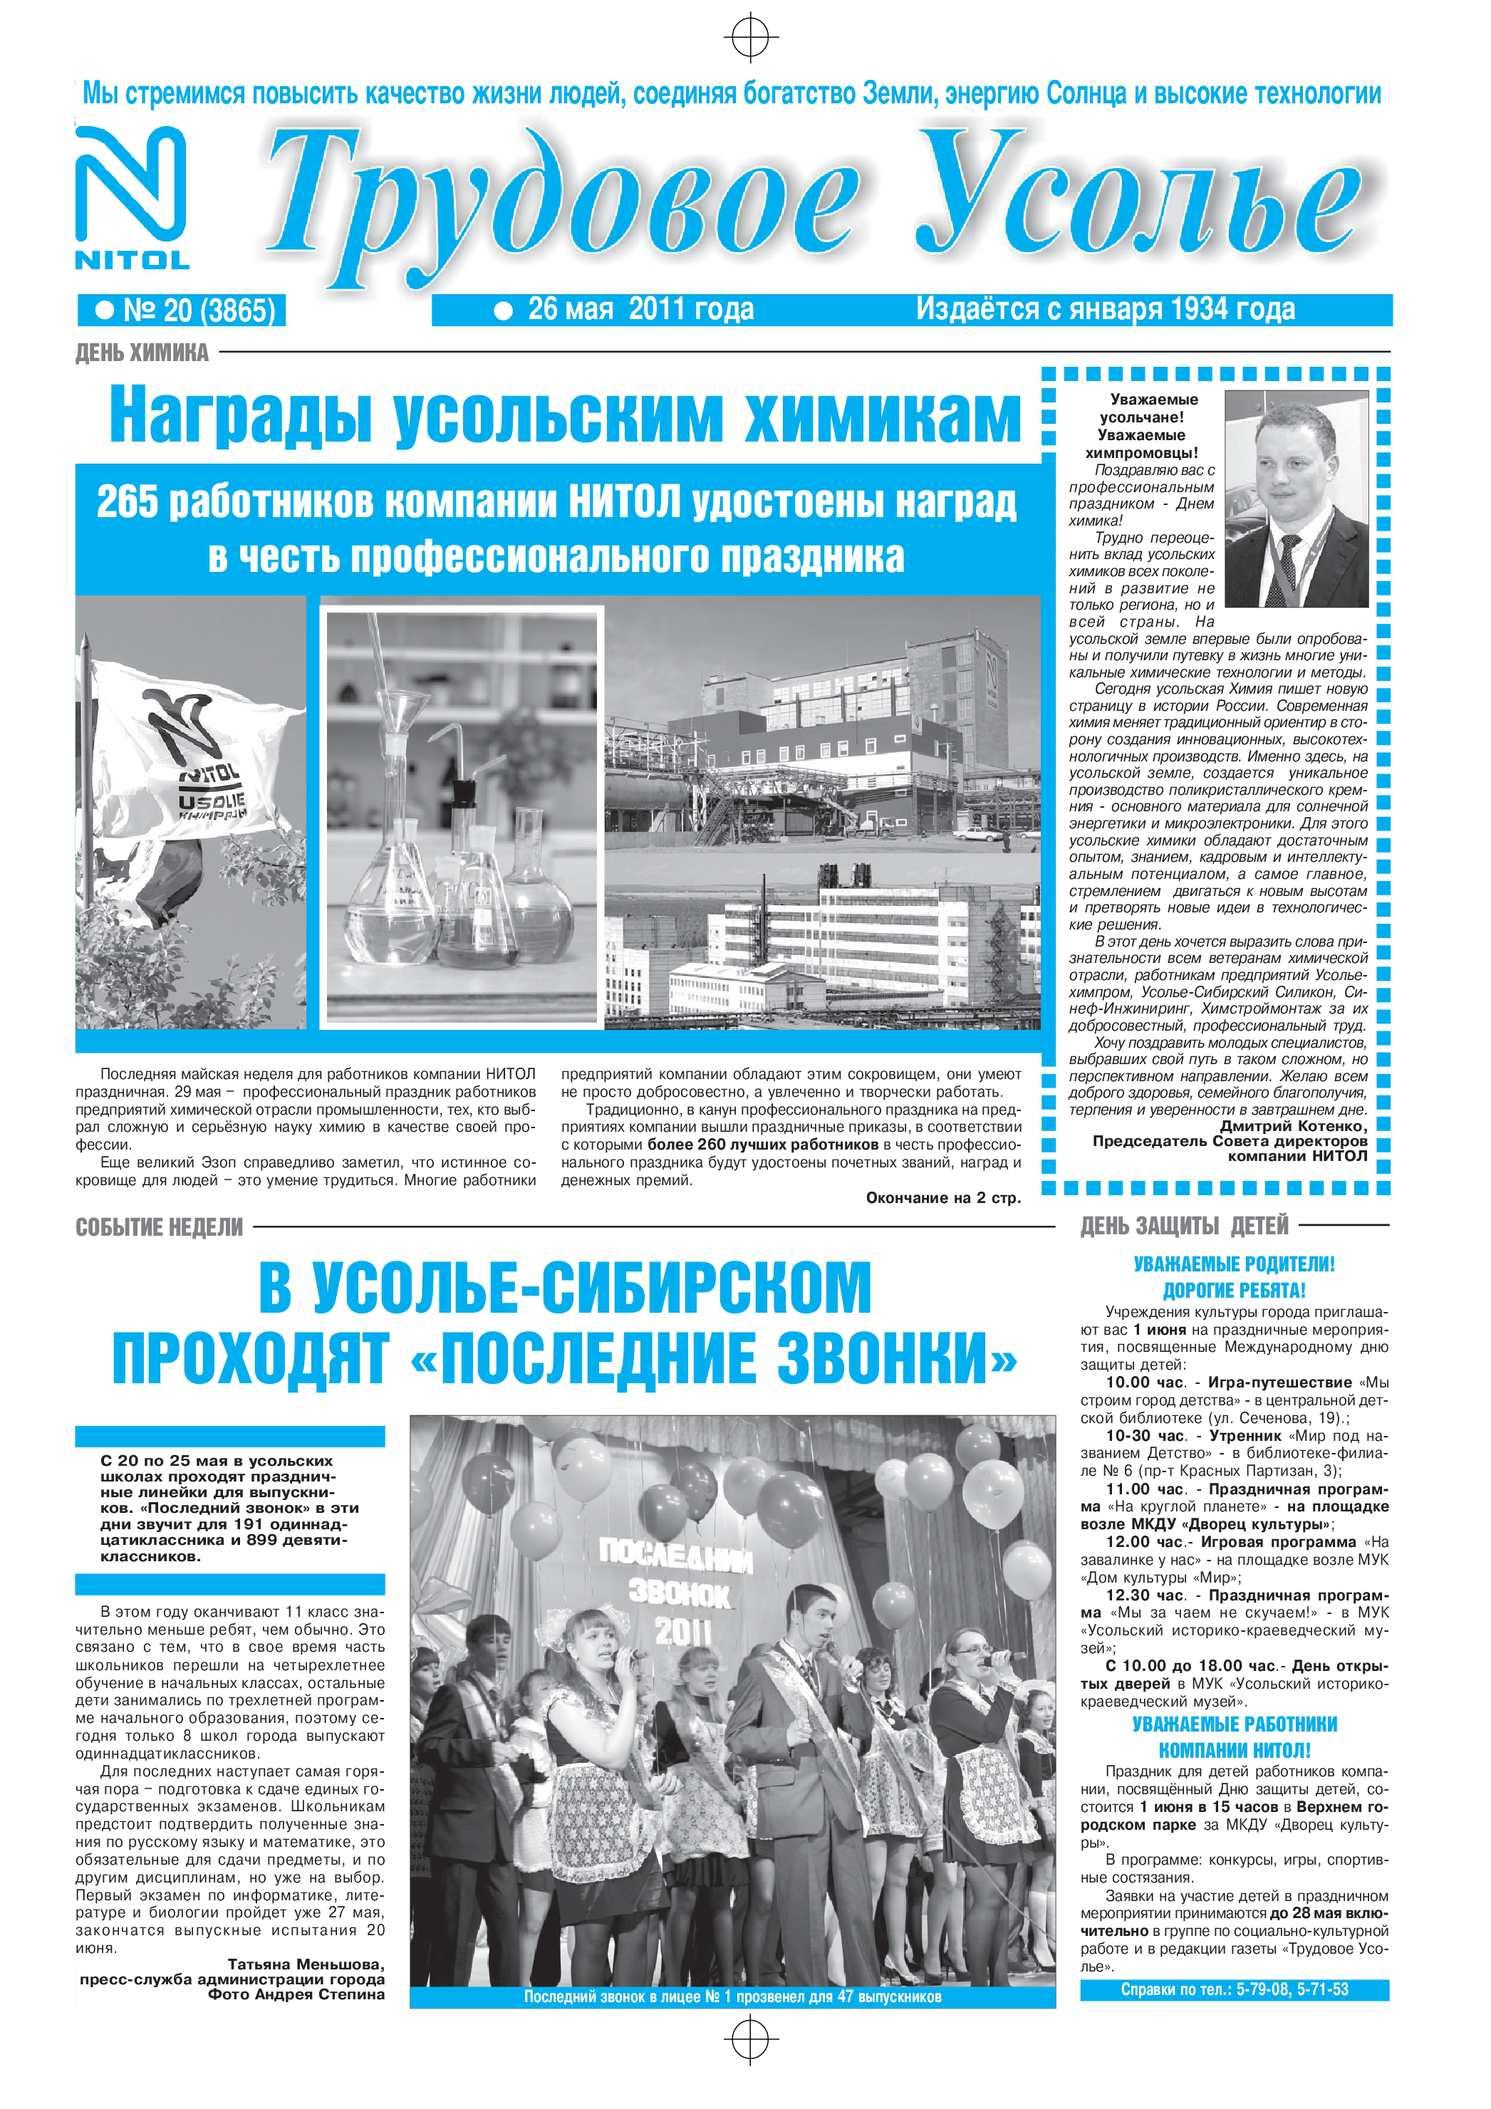 Секс сайт для инвалидов усолье сибирское